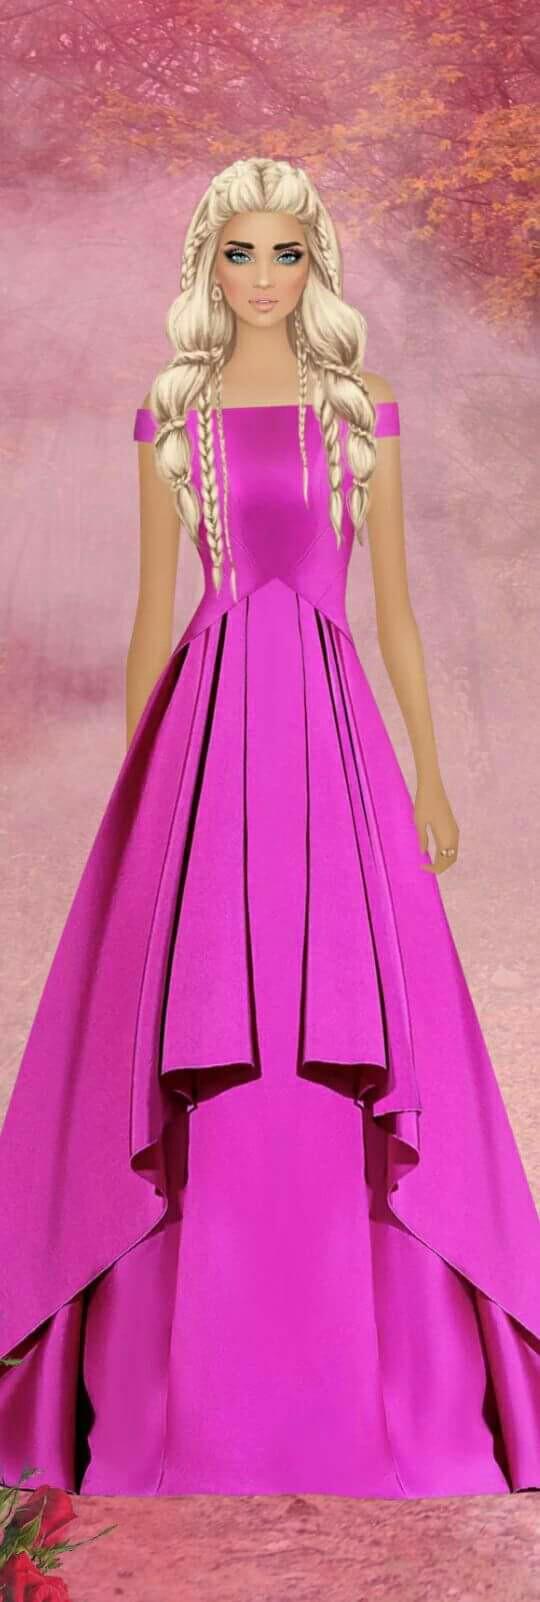 Pin de Mirian Rodriguez en Fashion game | Pinterest | Bocetos de ...